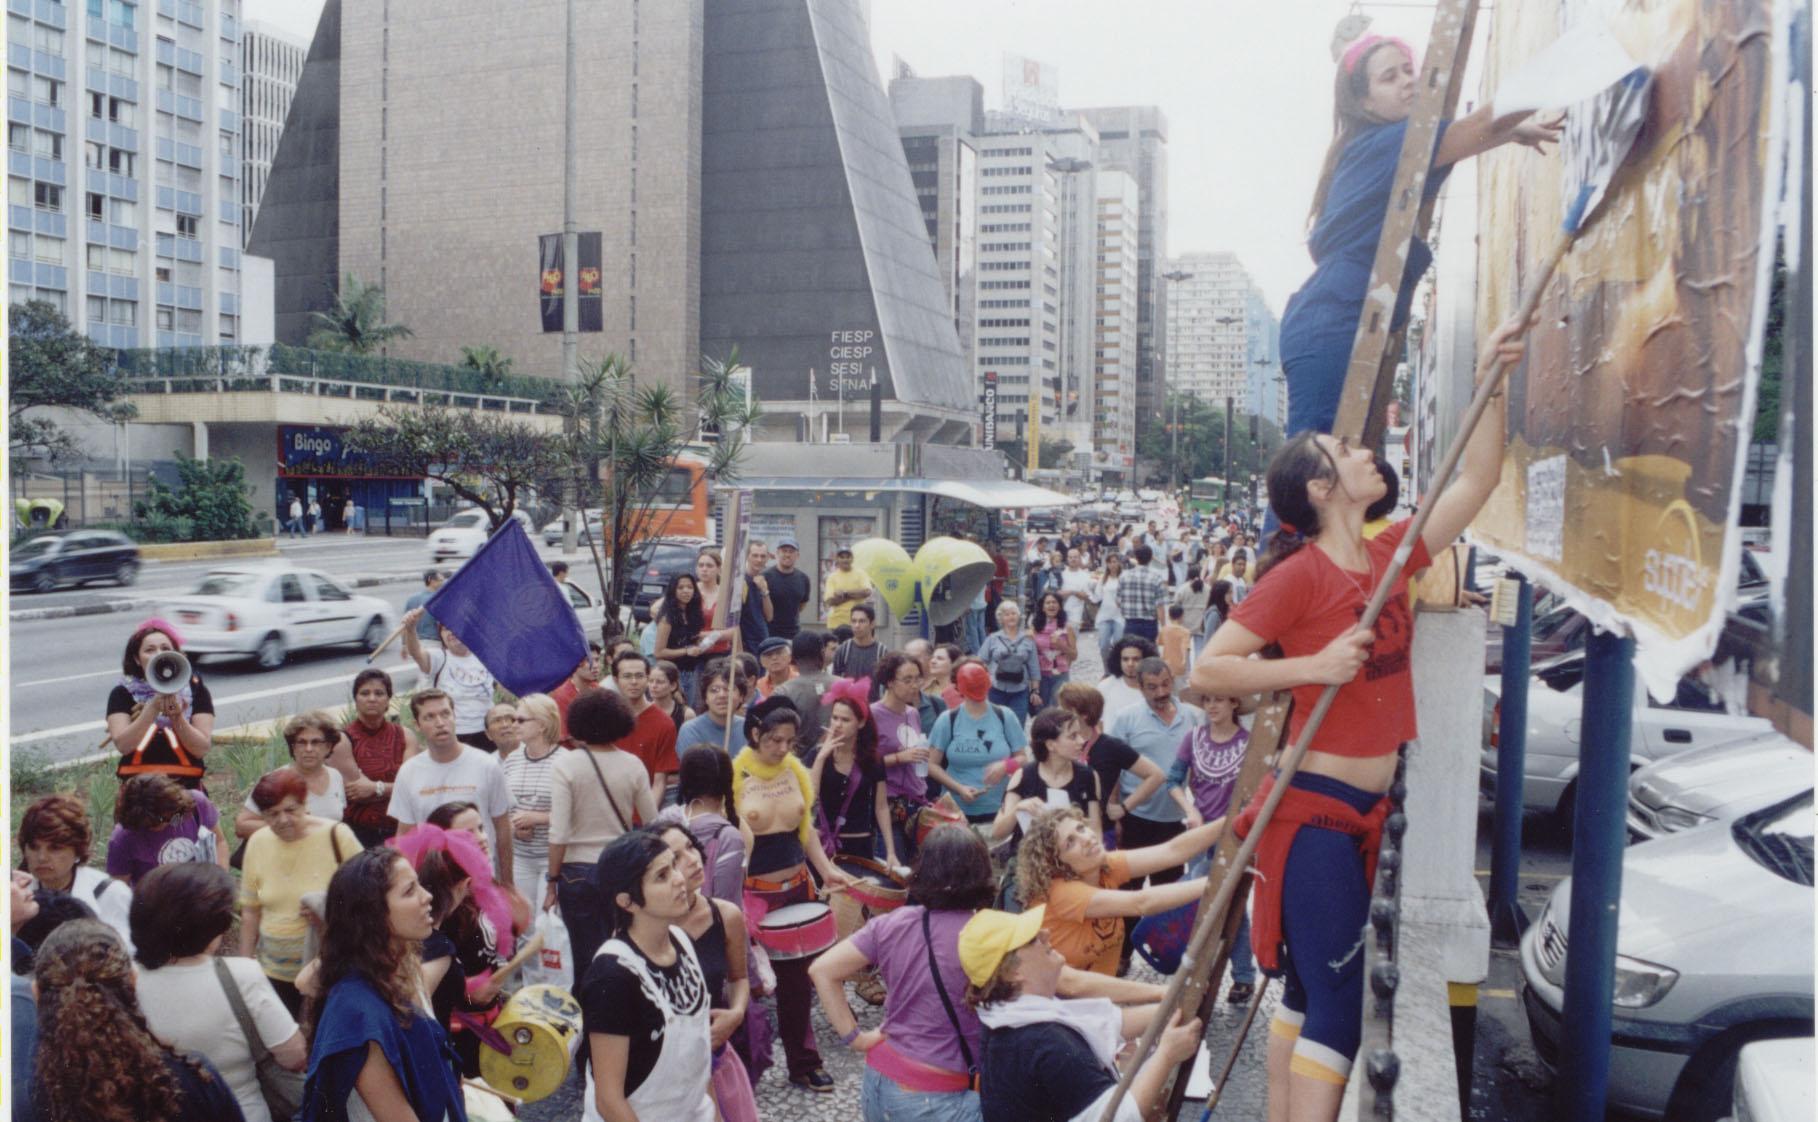 Intervenção direta em outdoors, na Av. Paulista, em São Paulo, como parte das ações do 17 de outubro de 2004